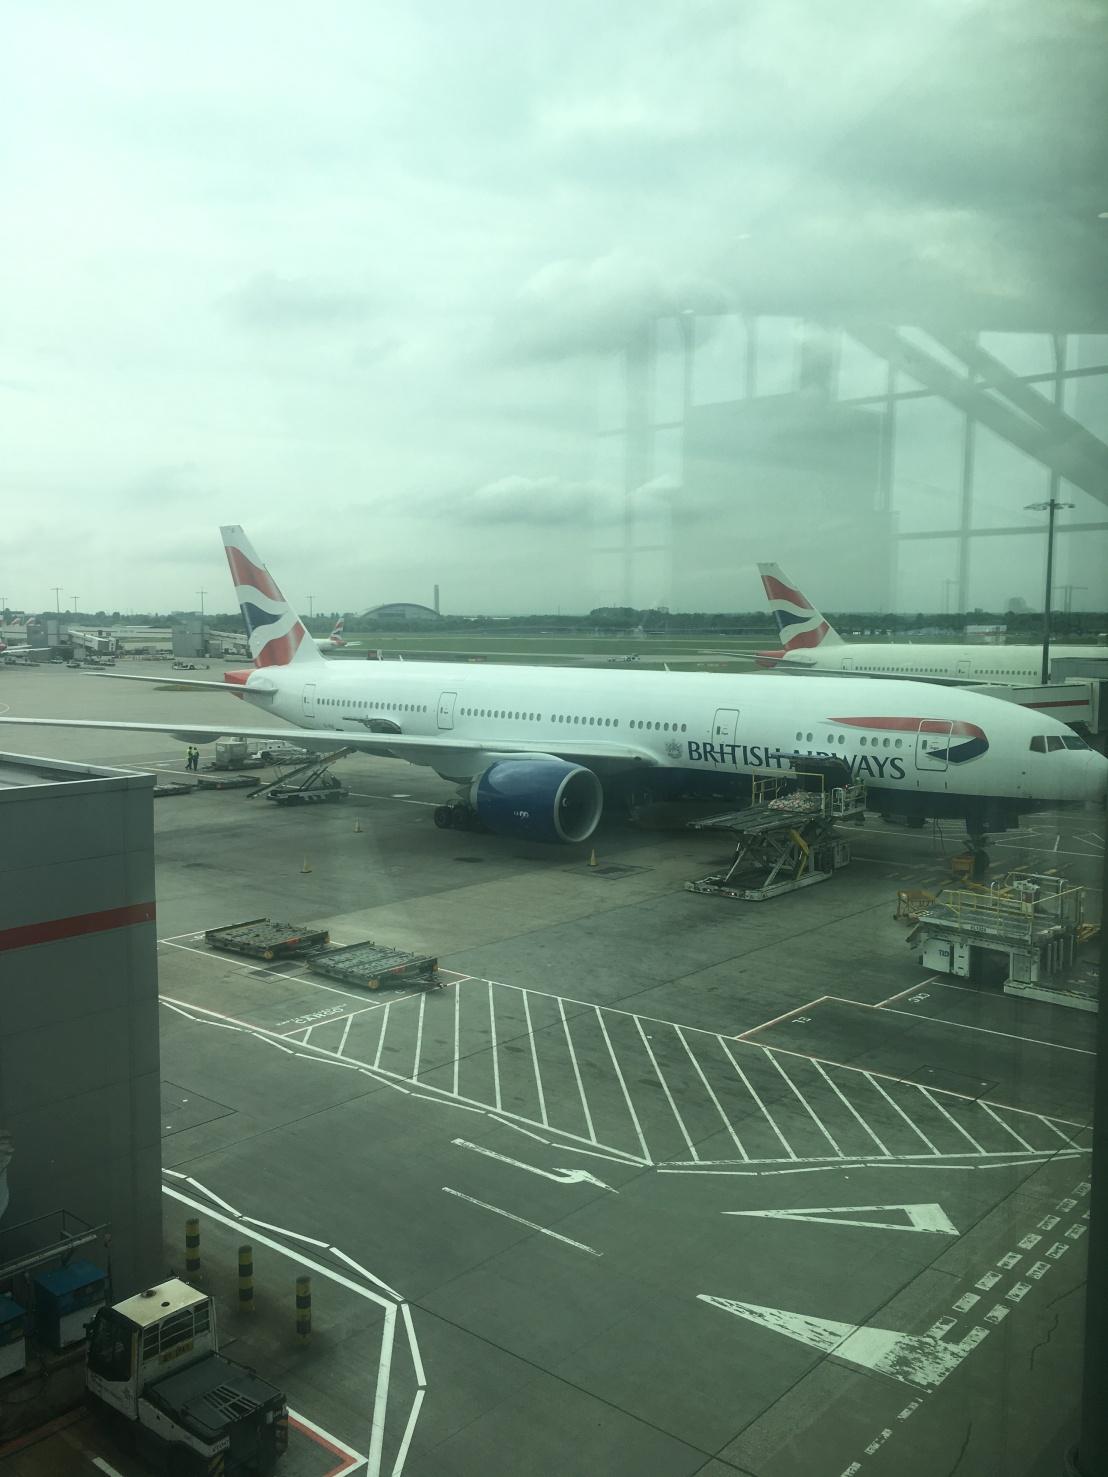 LHR to JFK 1